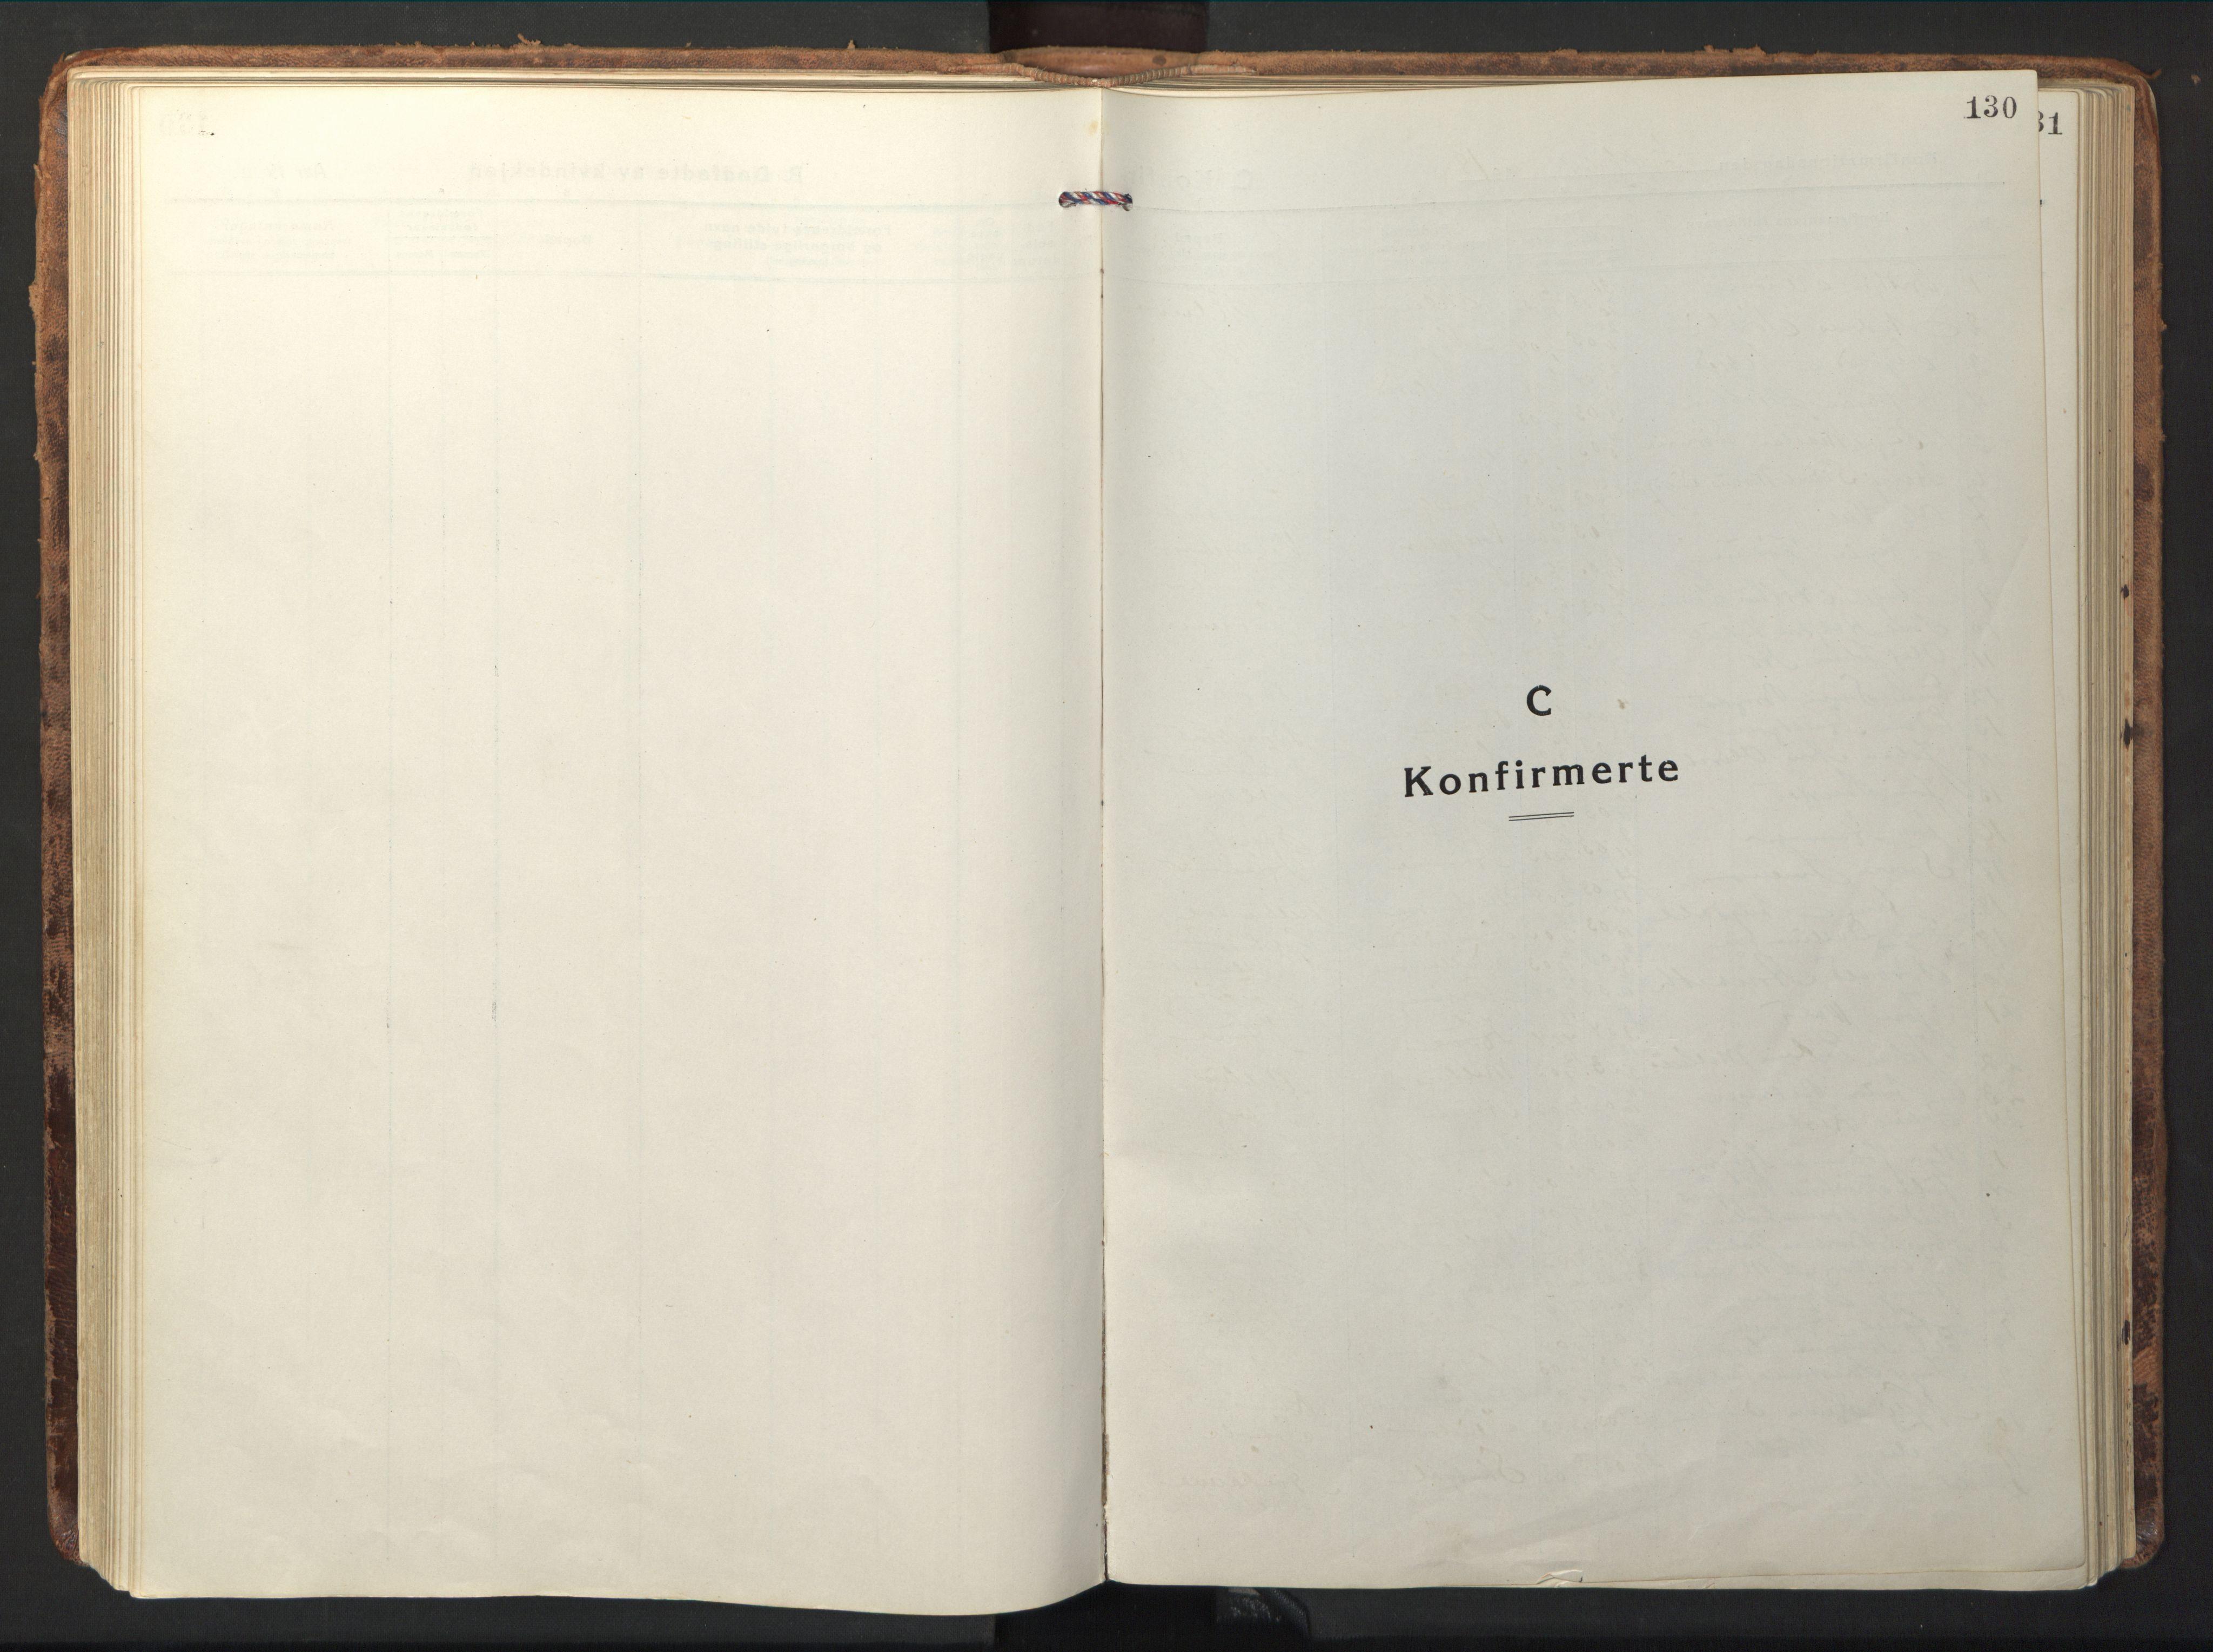 SAT, Ministerialprotokoller, klokkerbøker og fødselsregistre - Nord-Trøndelag, 714/L0136: Klokkerbok nr. 714C05, 1918-1957, s. 130